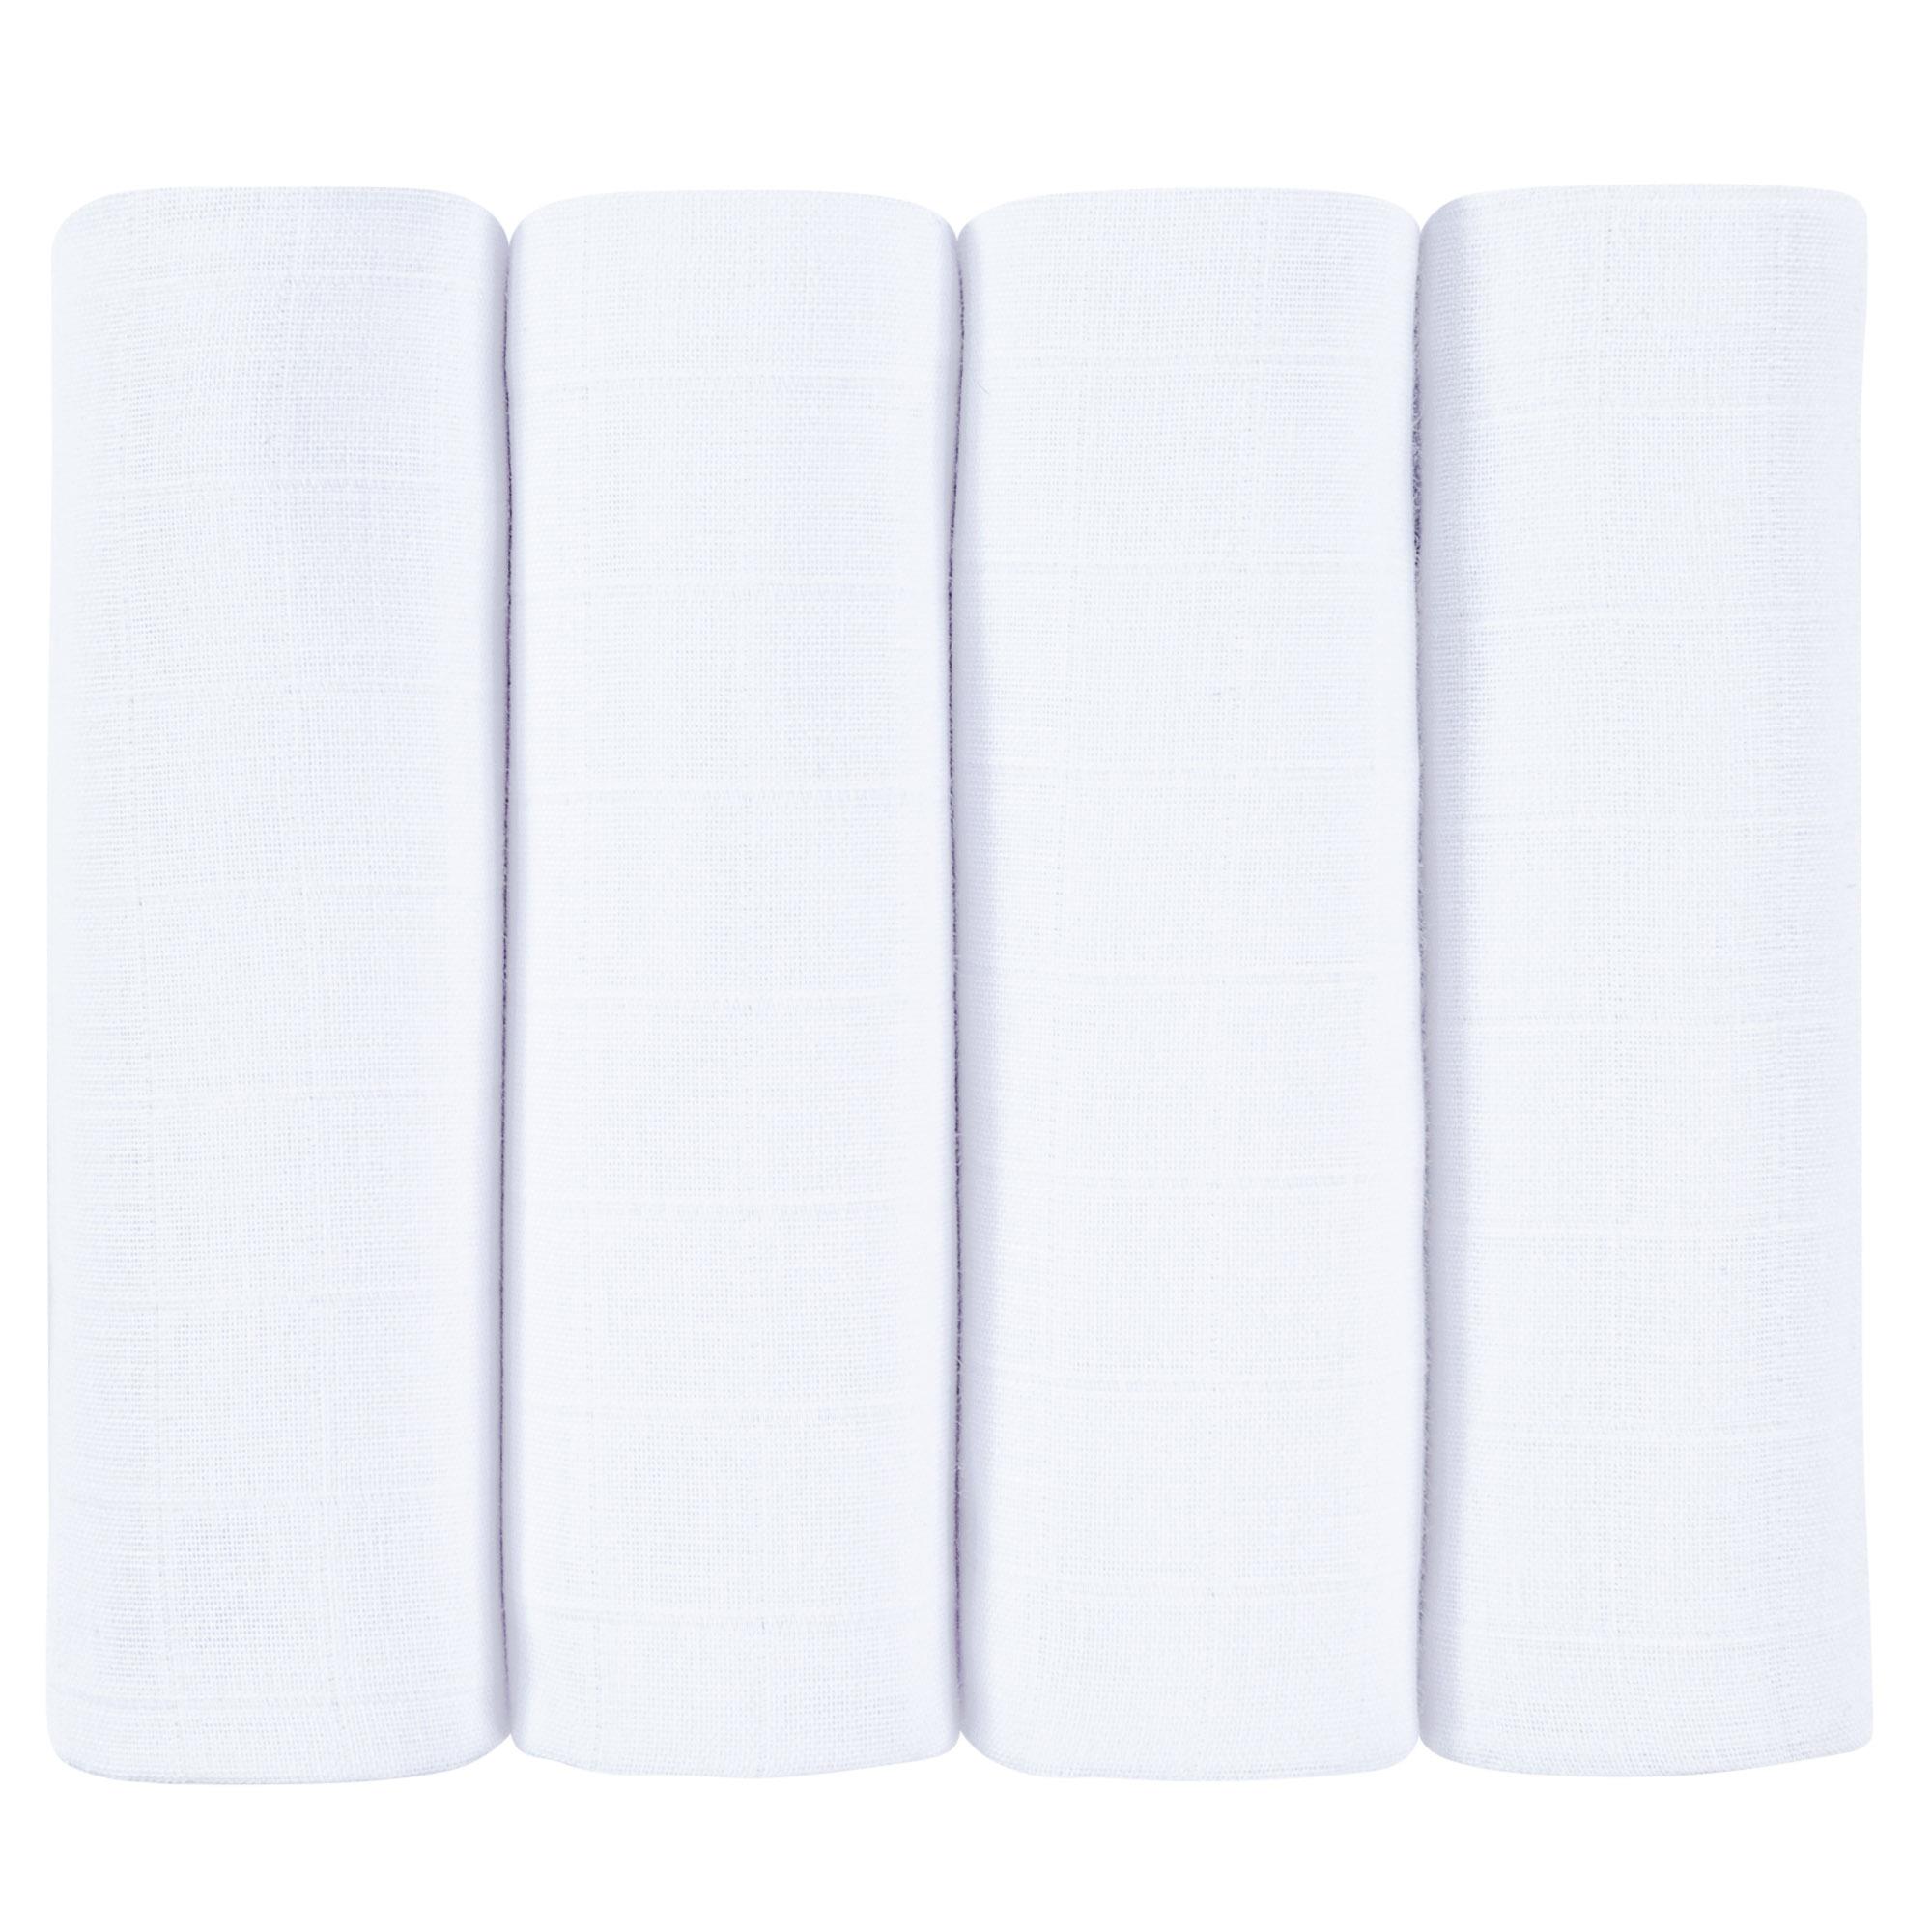 4er Pack Mullwindeln Mulltücher Spucktücher Musselin 70x80cm Premium Qualität SET4